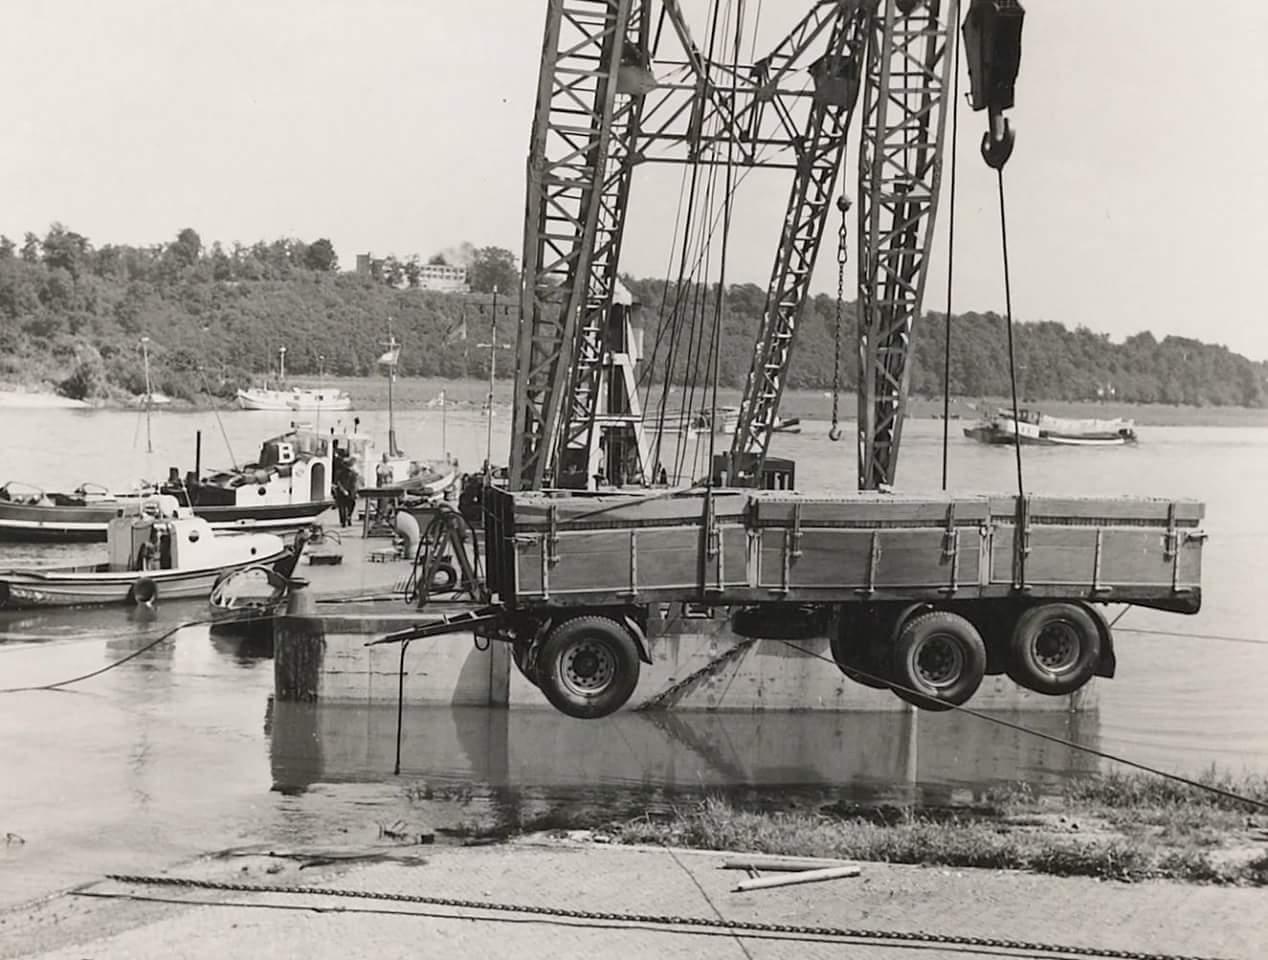 1957-foto-gemaakt-door-Jac-Rauws-ingezonden-door-Willem-Ruisch-Veerpont-Lexkesveer-Eageningen-Randwijk-2